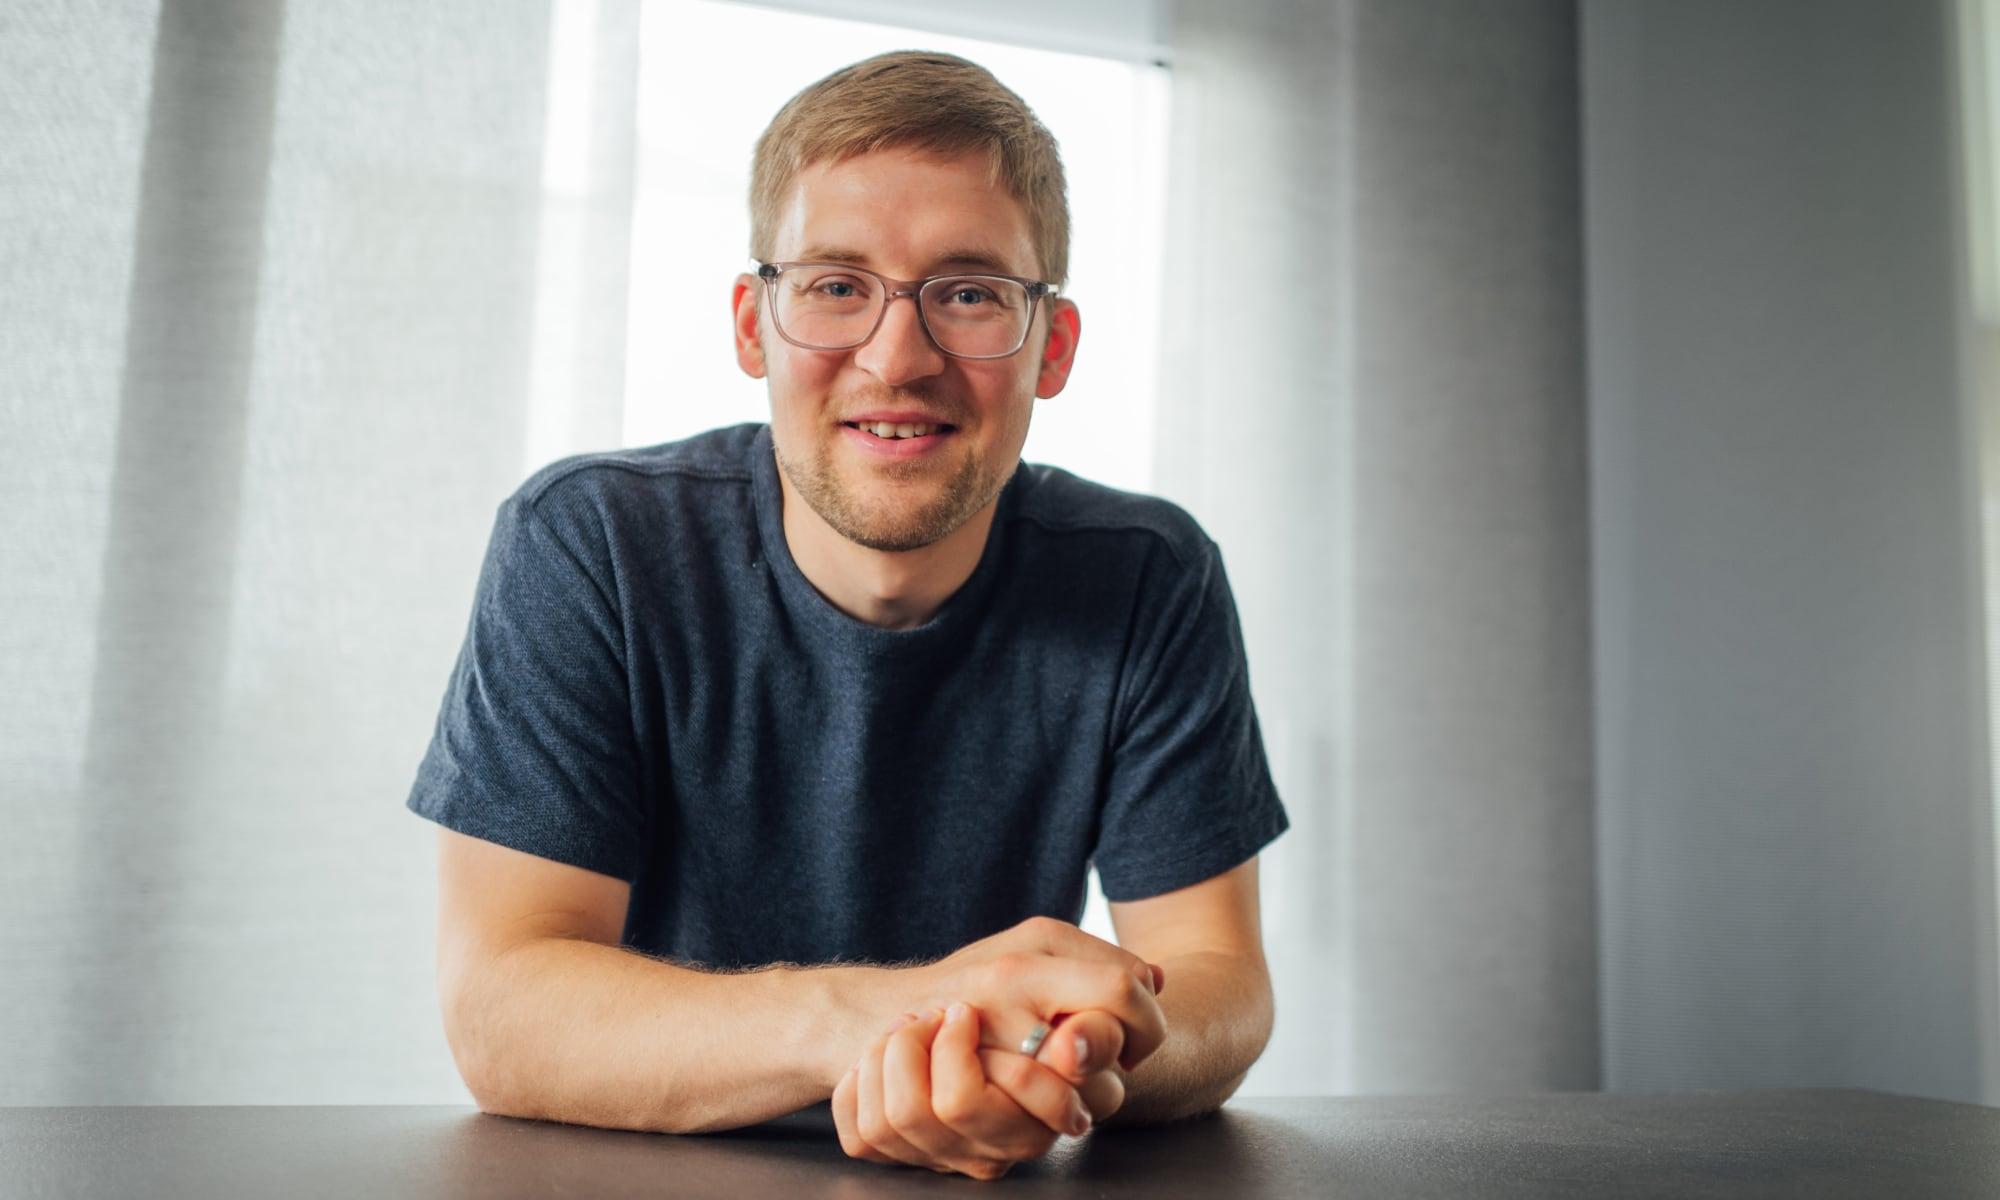 Tobias Koppers